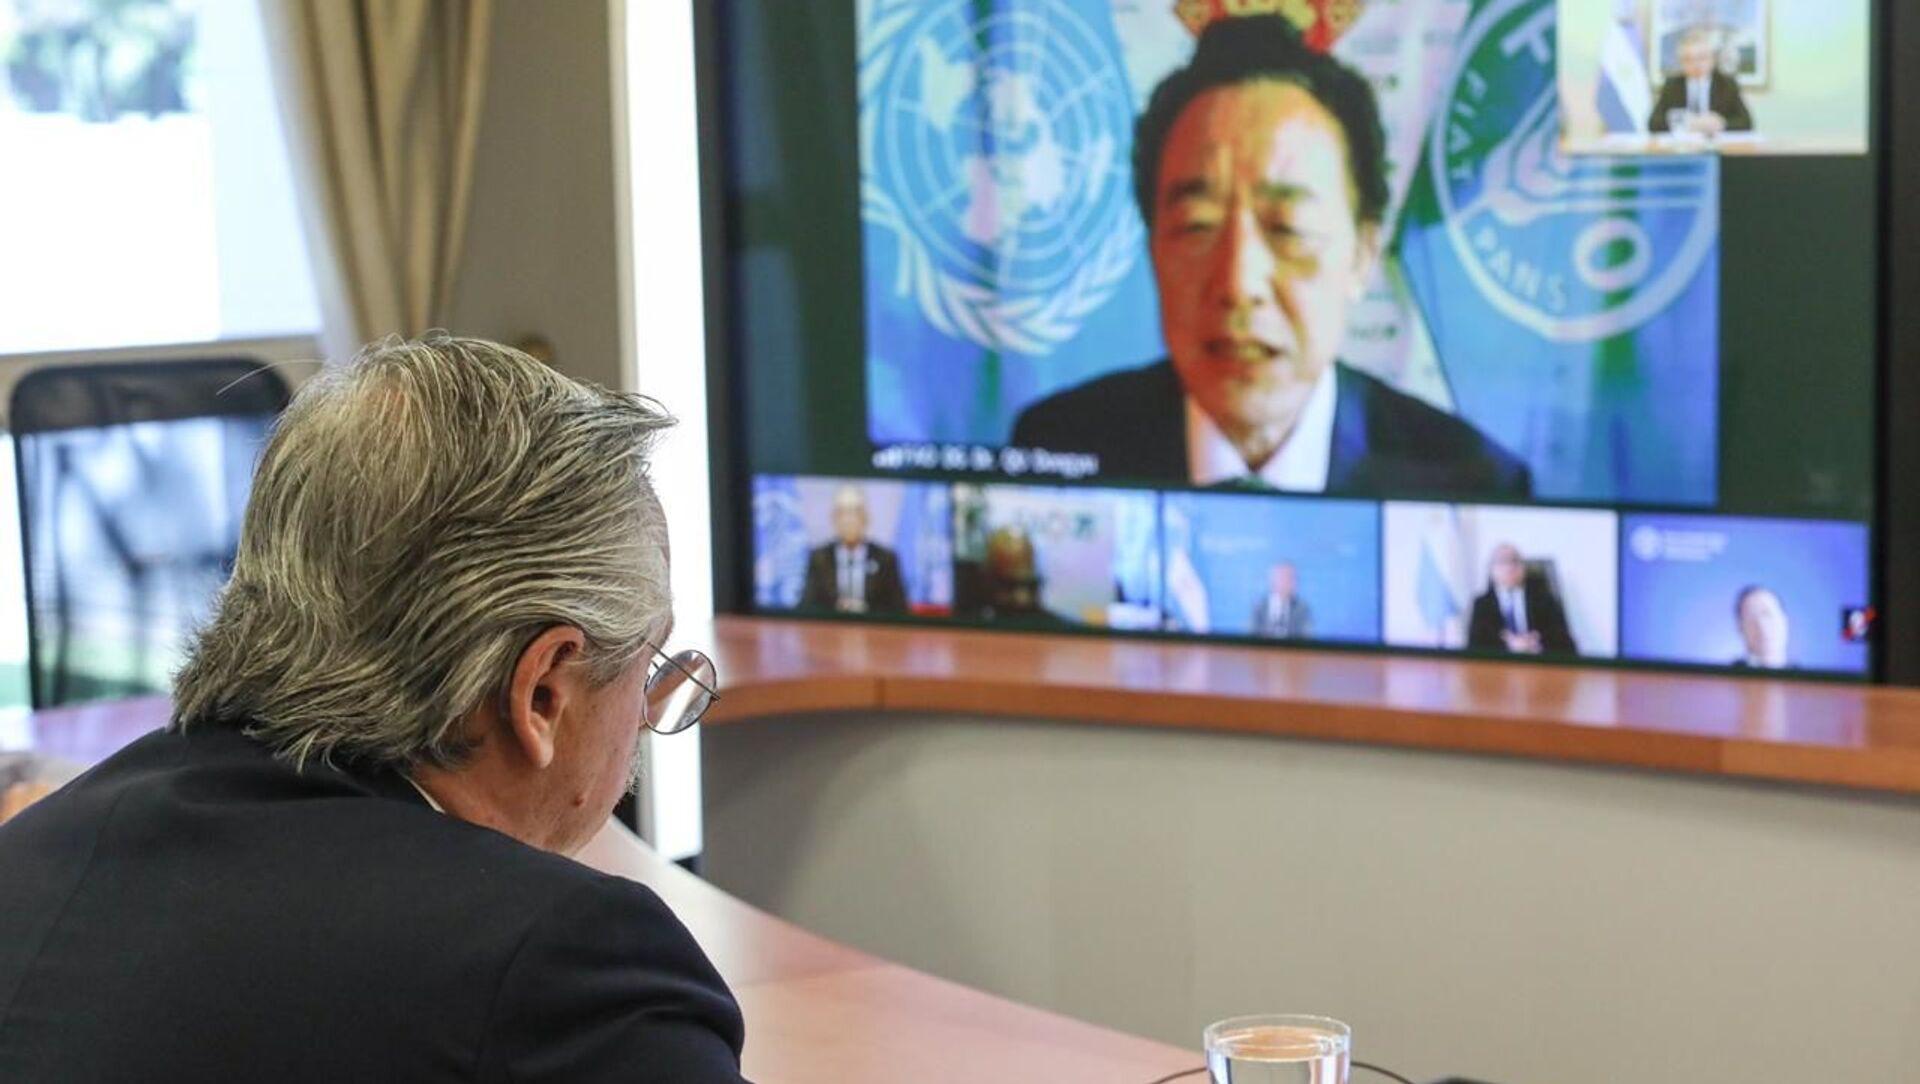 El presidente argentino, Alberto Fernández, en reunión virtual con el director general de la FAO, Qu Dongyu - Sputnik Mundo, 1920, 27.11.2020